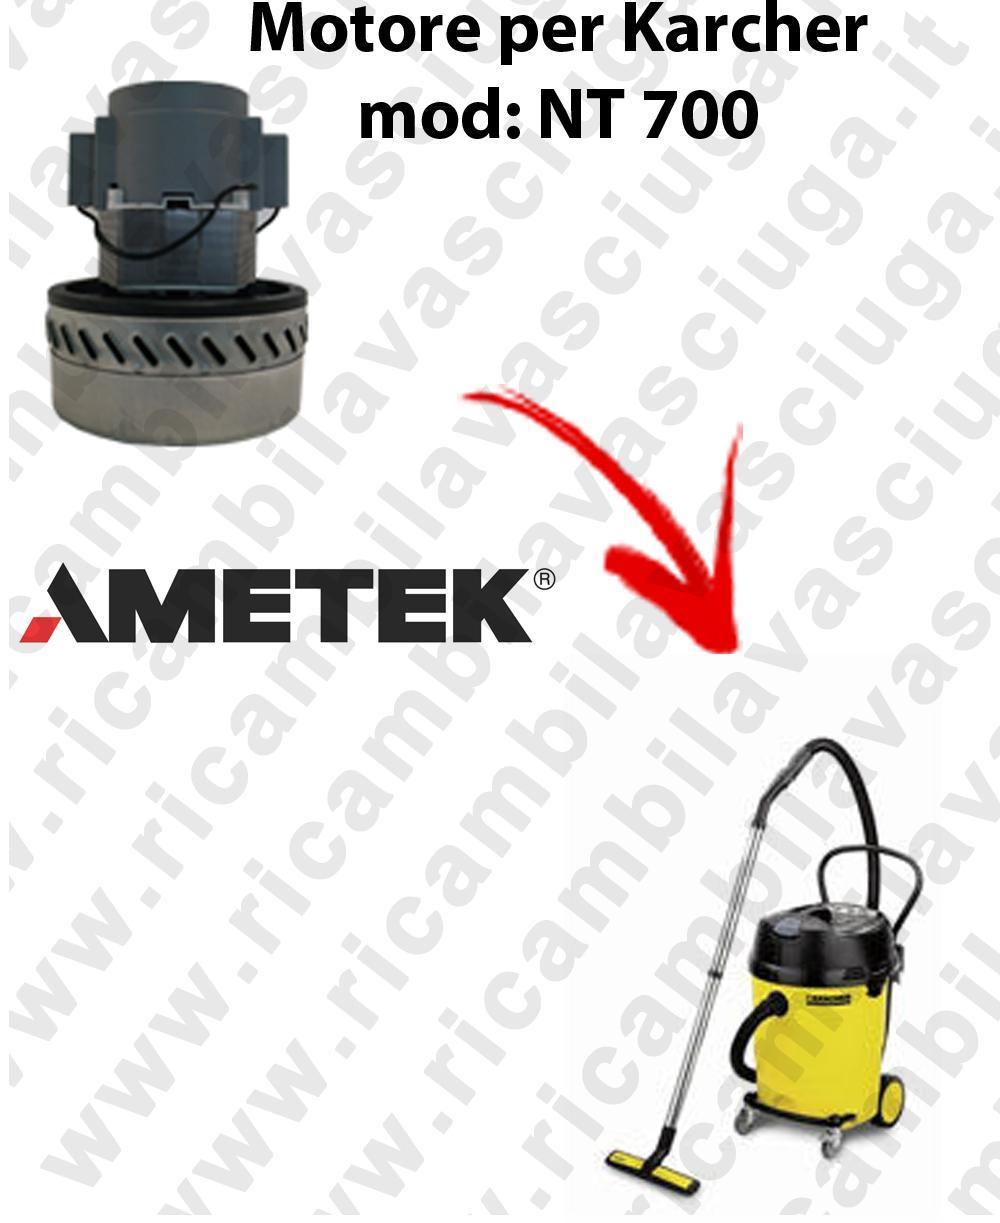 NT700Motore de aspiración AMETEK  para aspiradora KARCHER